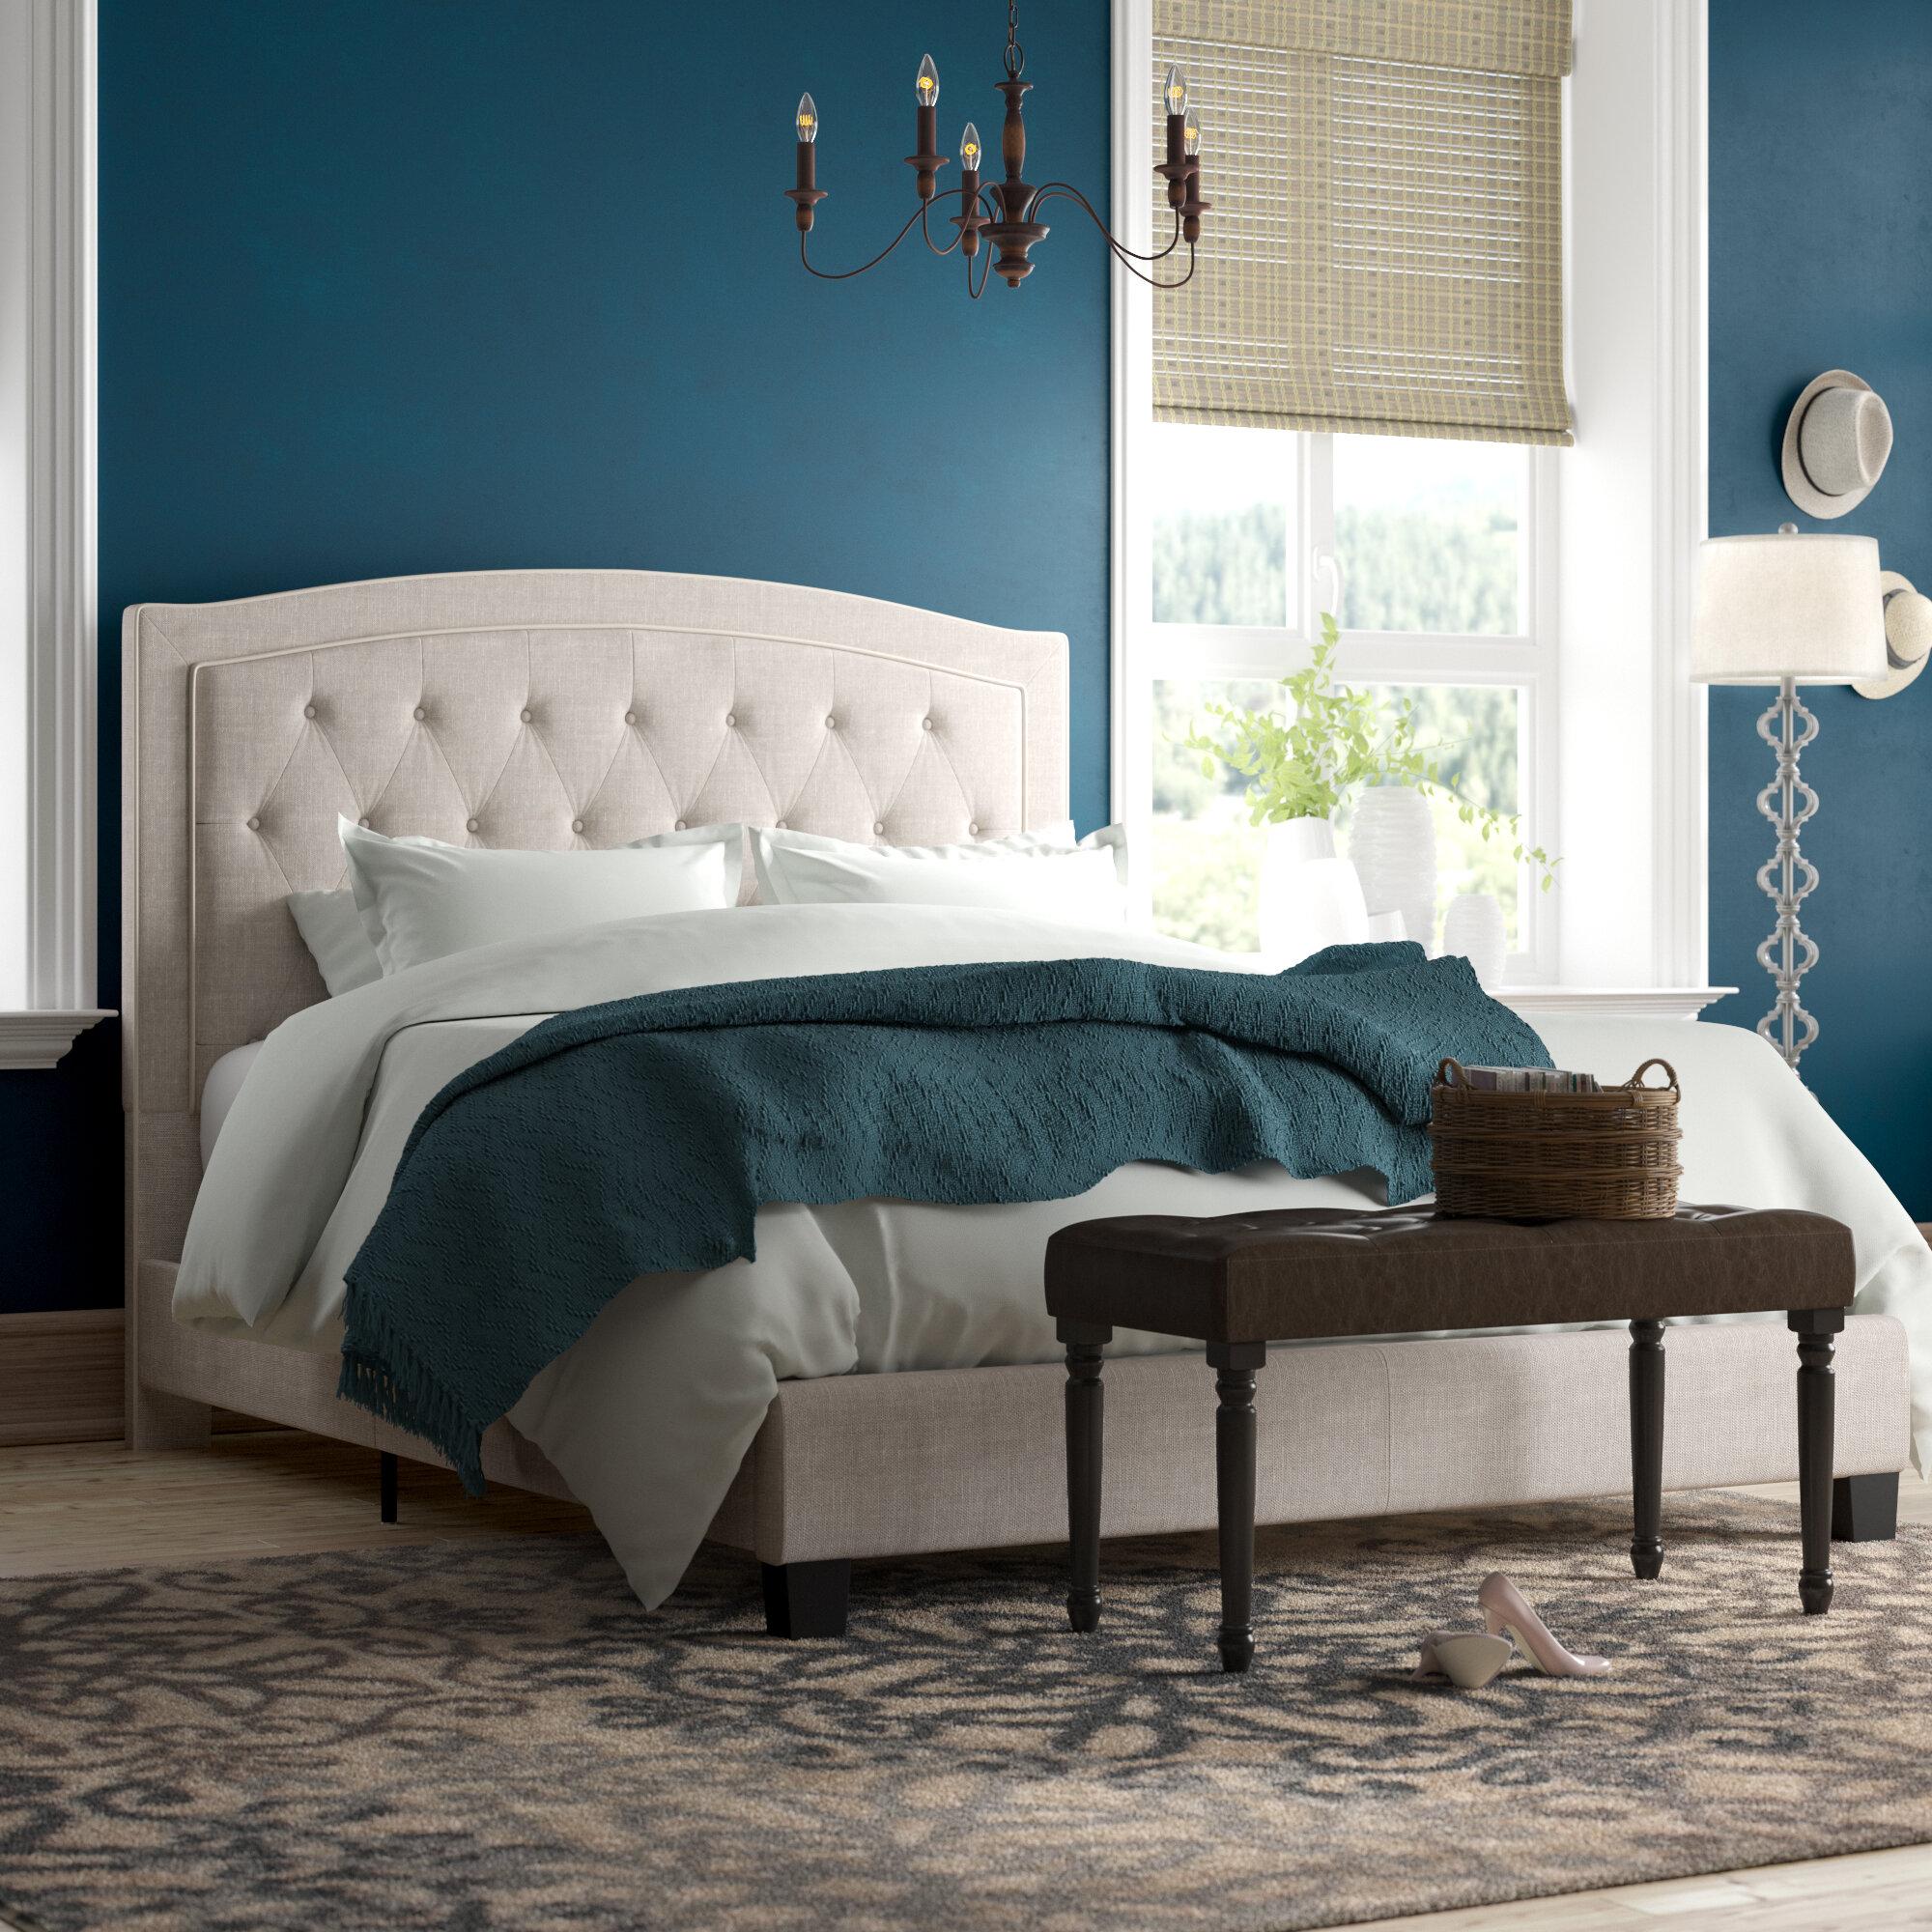 Beau Charlton Home Rockaway Upholstered Panel Bed U0026 Reviews | Wayfair